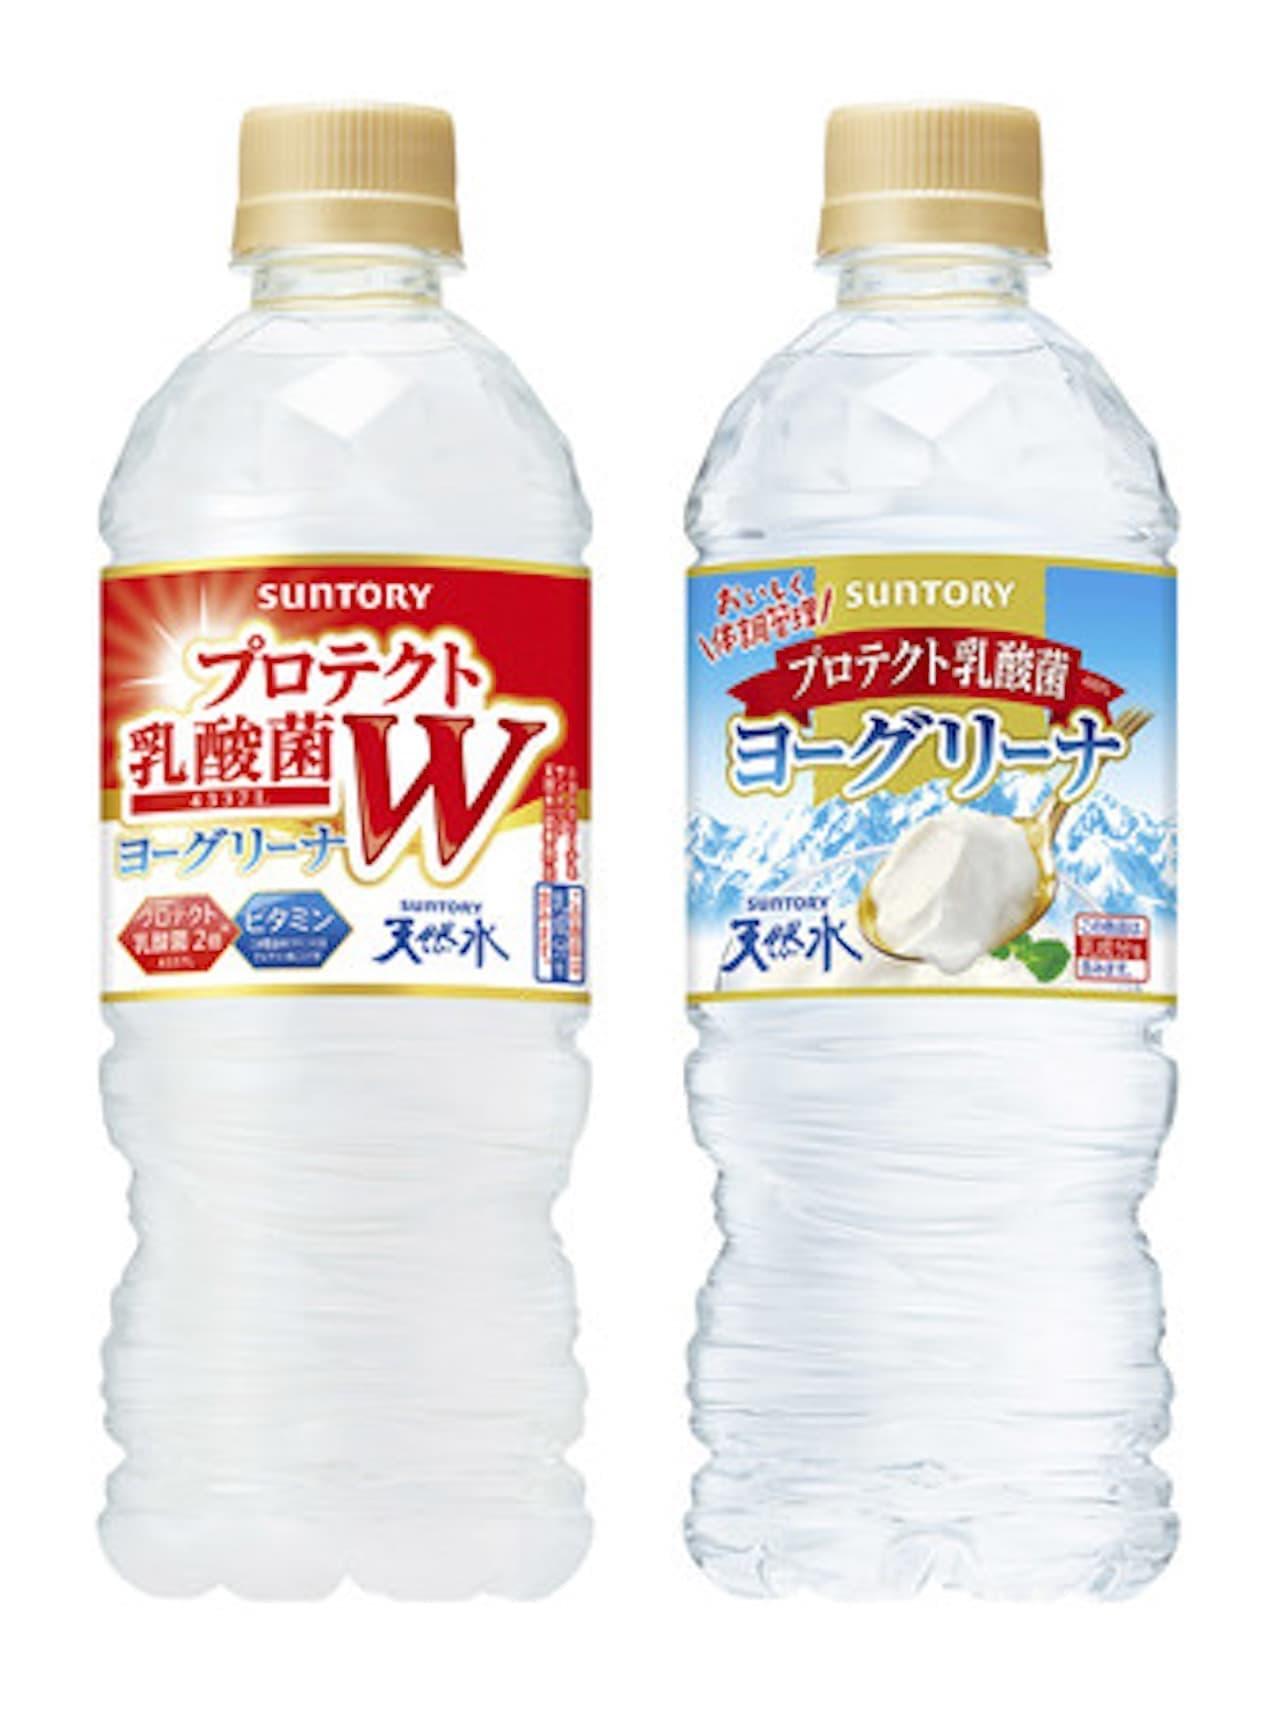 サントリー「ヨーグリーナ&サントリー天然水 プロテクト乳酸菌W」